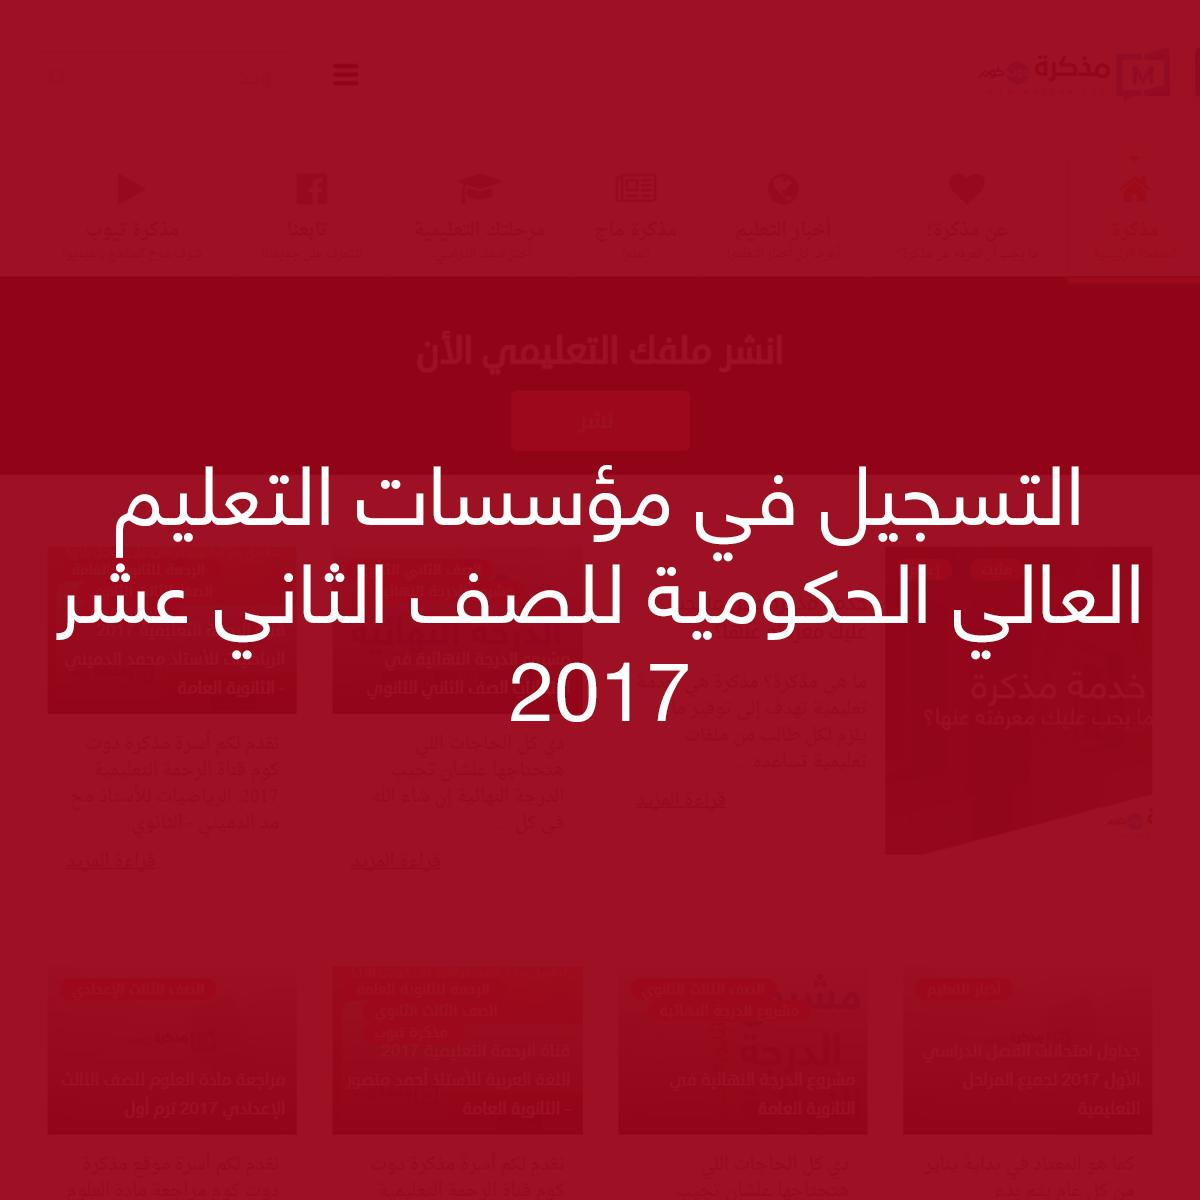 التسجيل في مؤسسات التعليم العالي الحكومية للصف الثاني عشر 2017